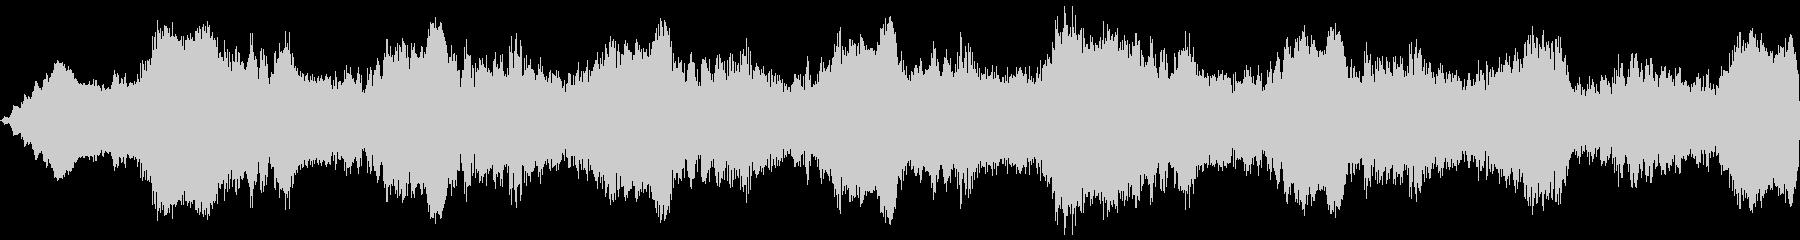 得体のしれない怪しいホラーBGM(最短)の未再生の波形